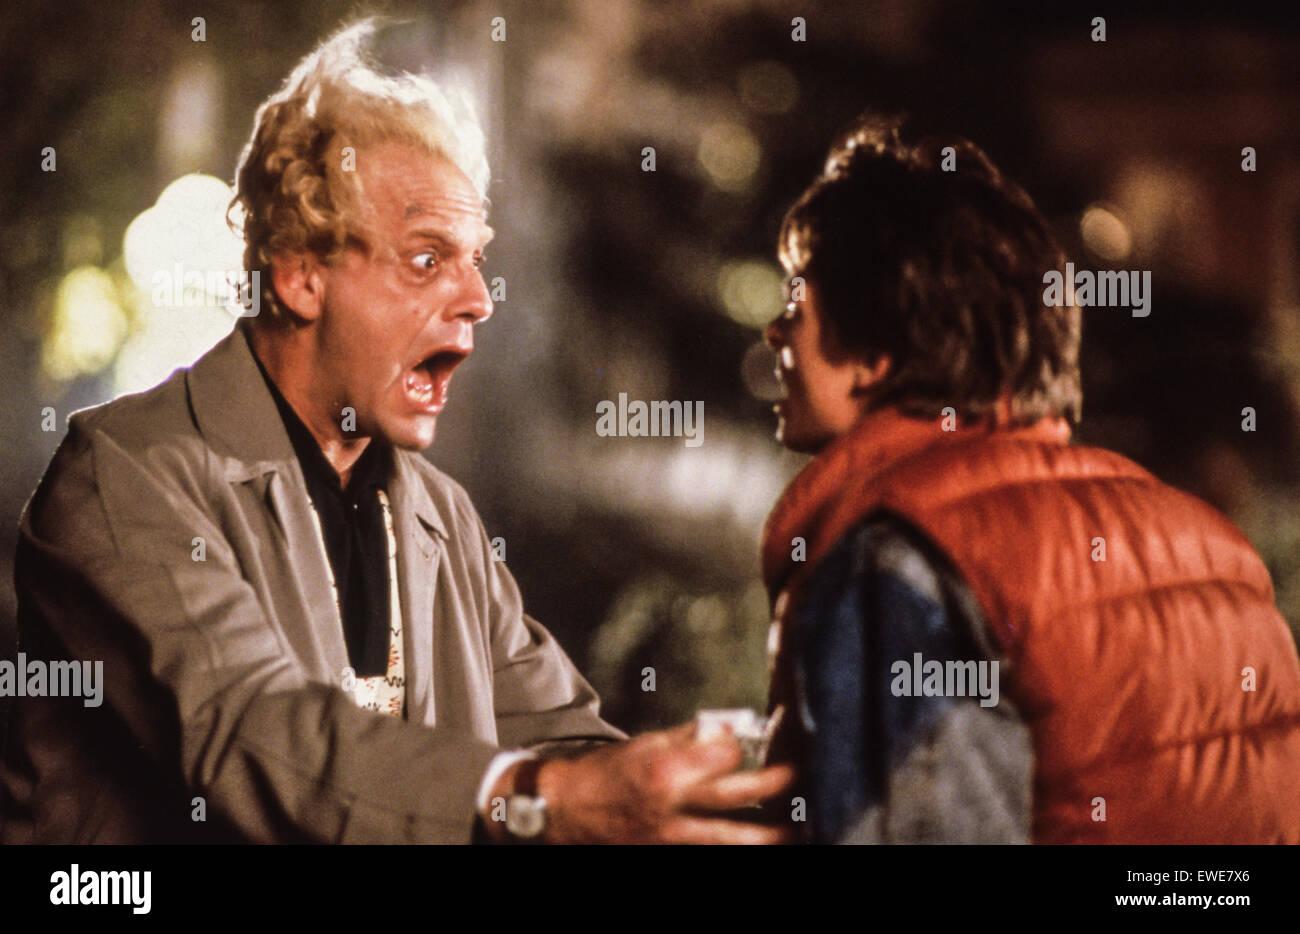 Zurück in die Zukunft, 1985 Stockbild